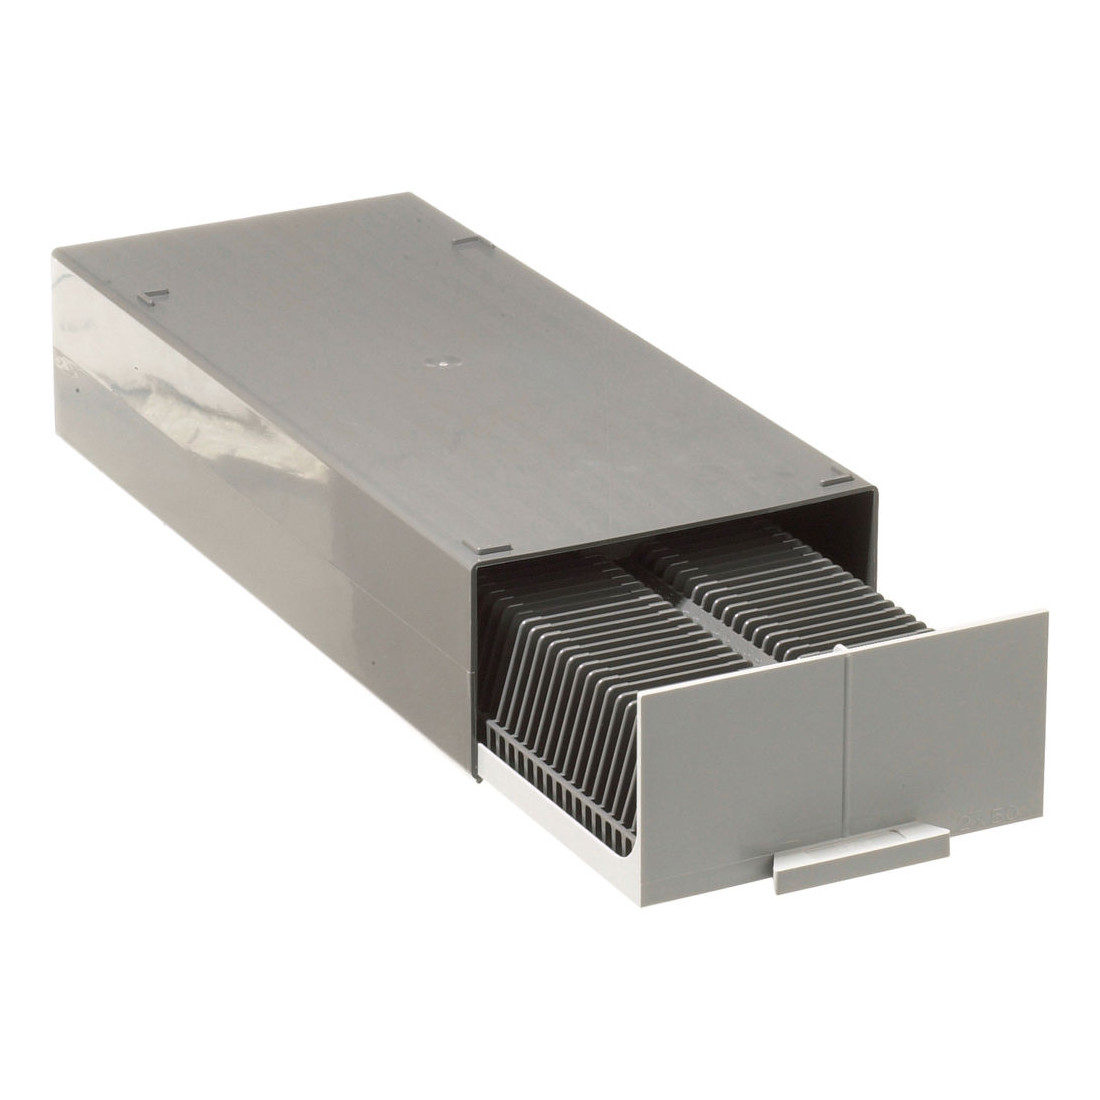 Gepe Stapelcassette met 2x universeel magazijn met deksel